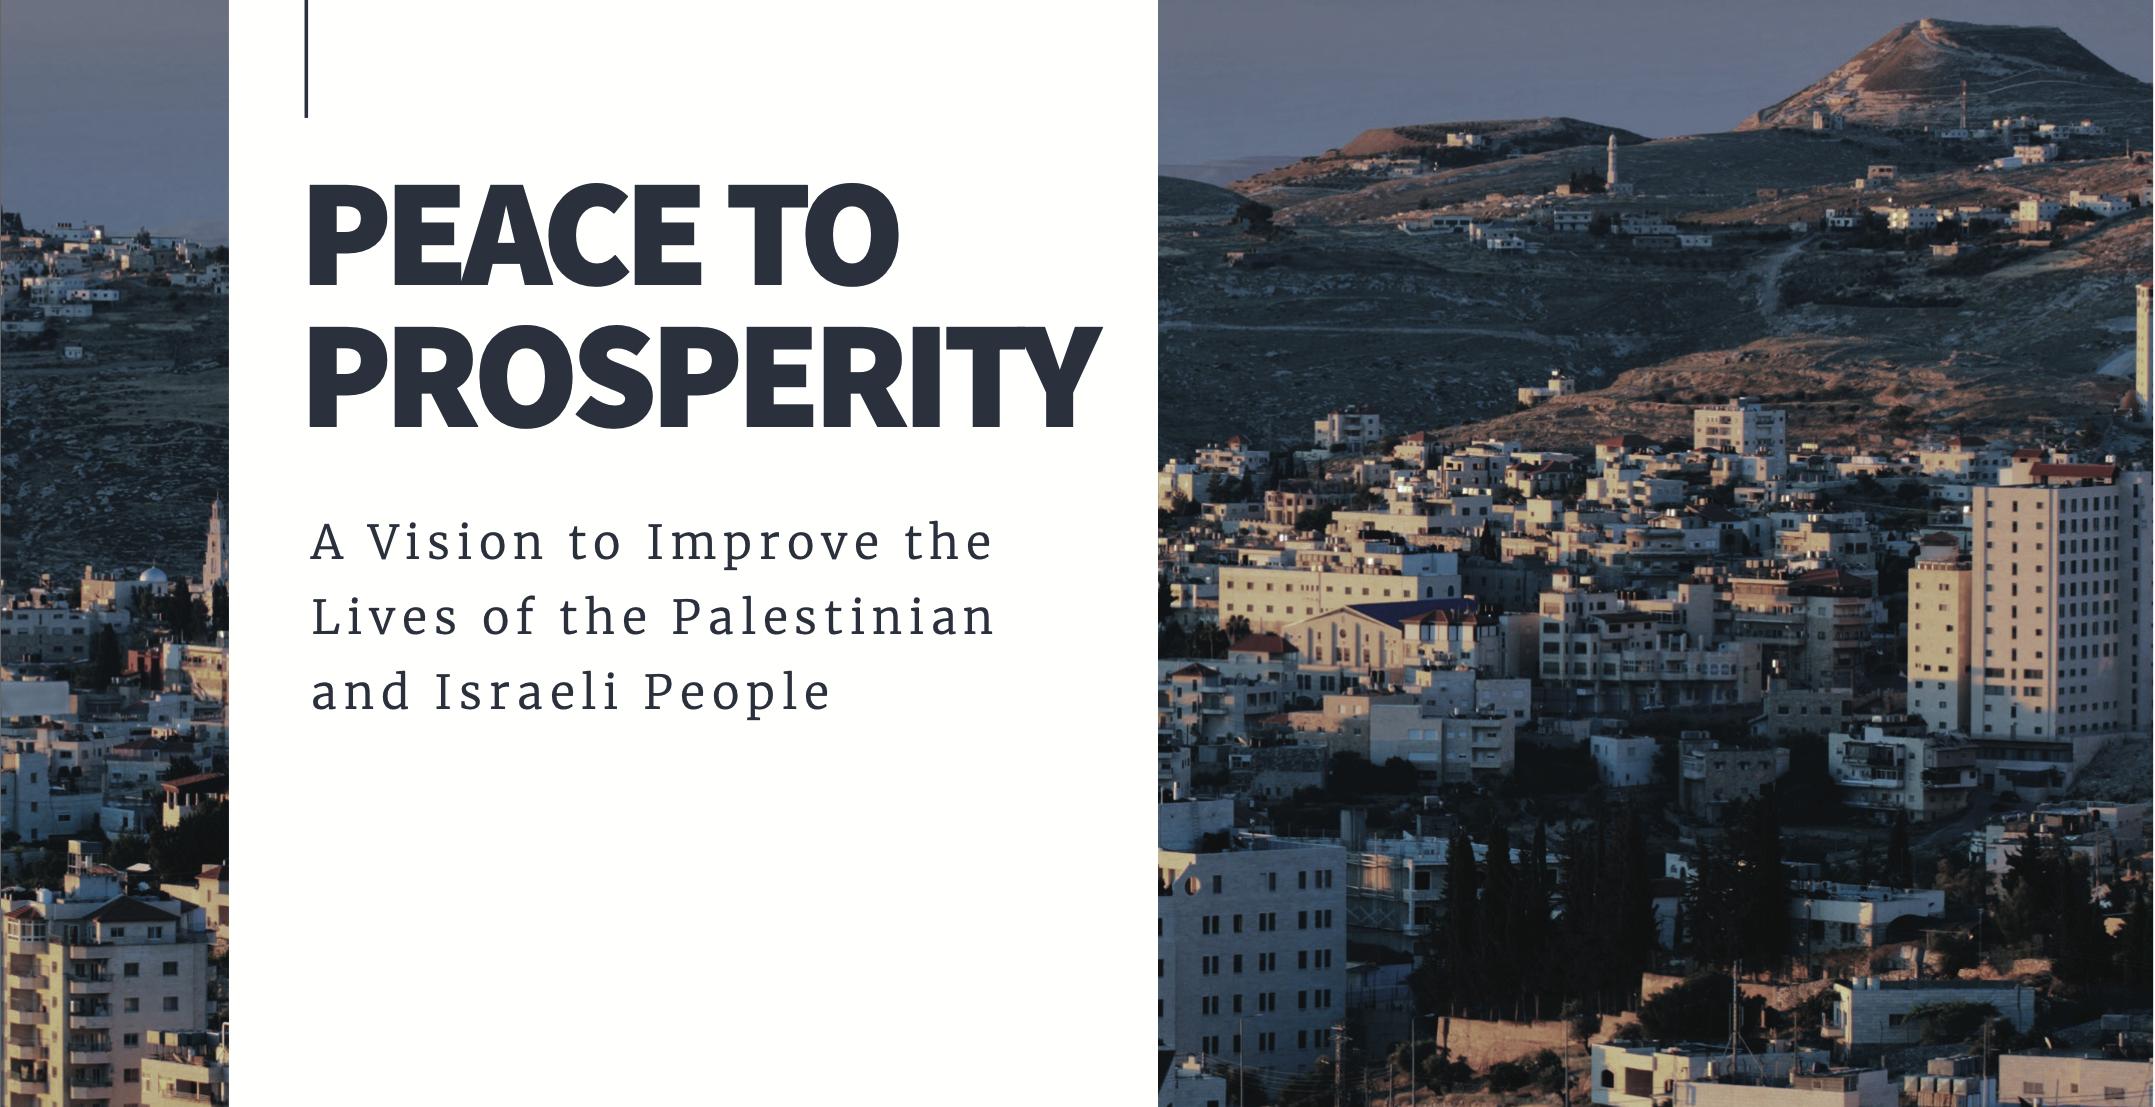 Veröffentlichung des Nahost-Friedensplans